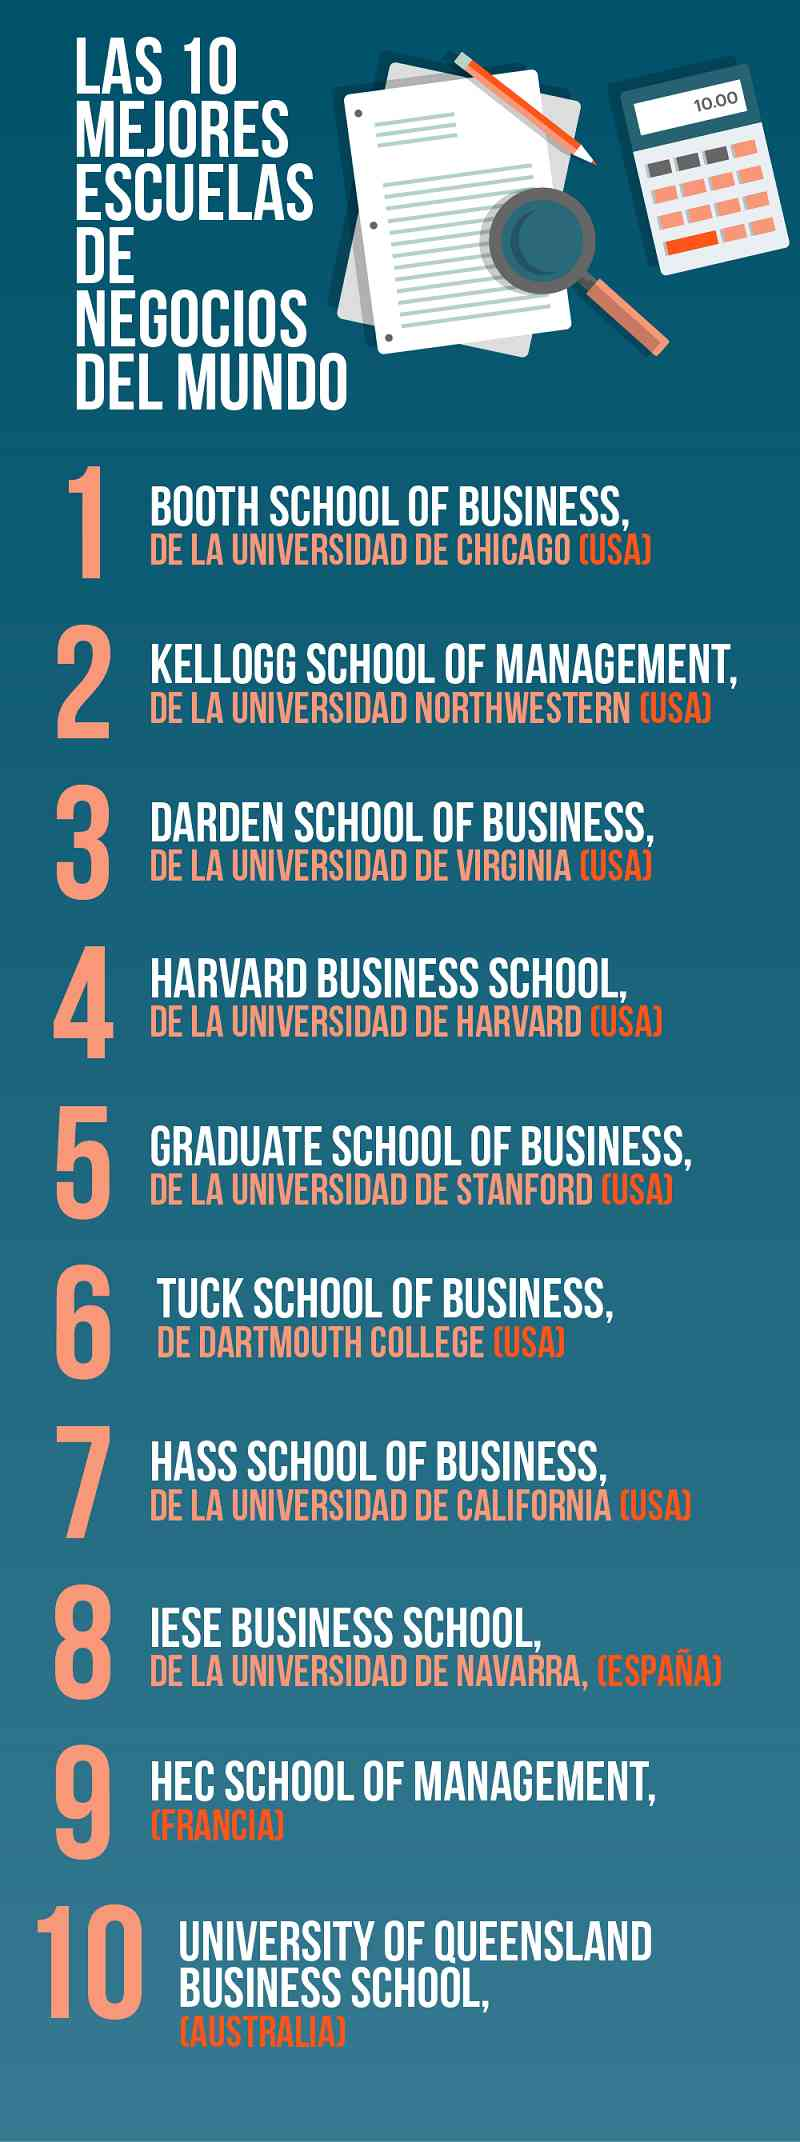 Las 10 Mejores Escuelas De Negocios Del Mundo